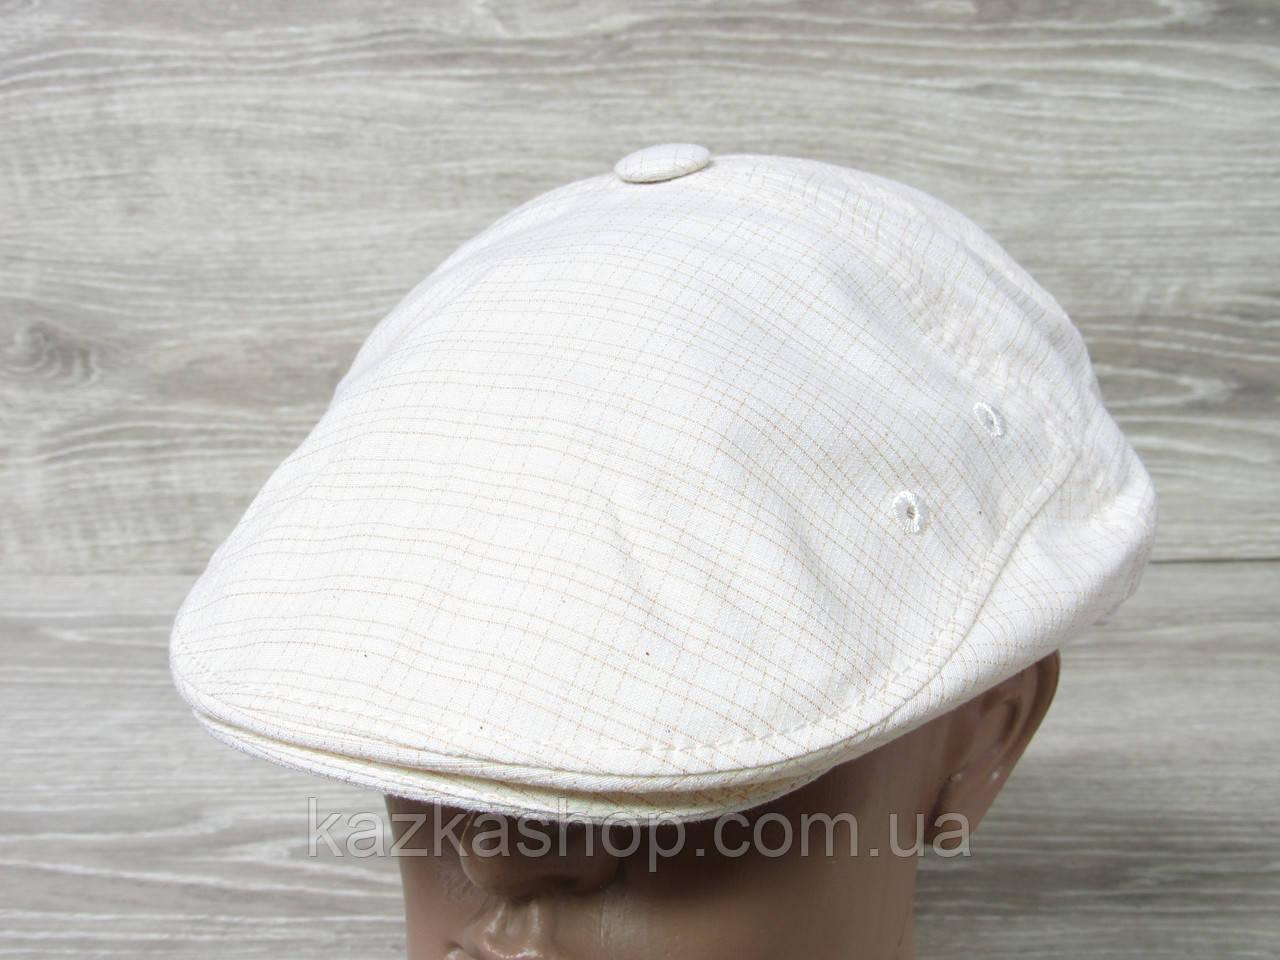 Мужская кепка уточка, пятиклинка, молочного цвета, однотонная, сезон весна-лето, размеры 56-60 см